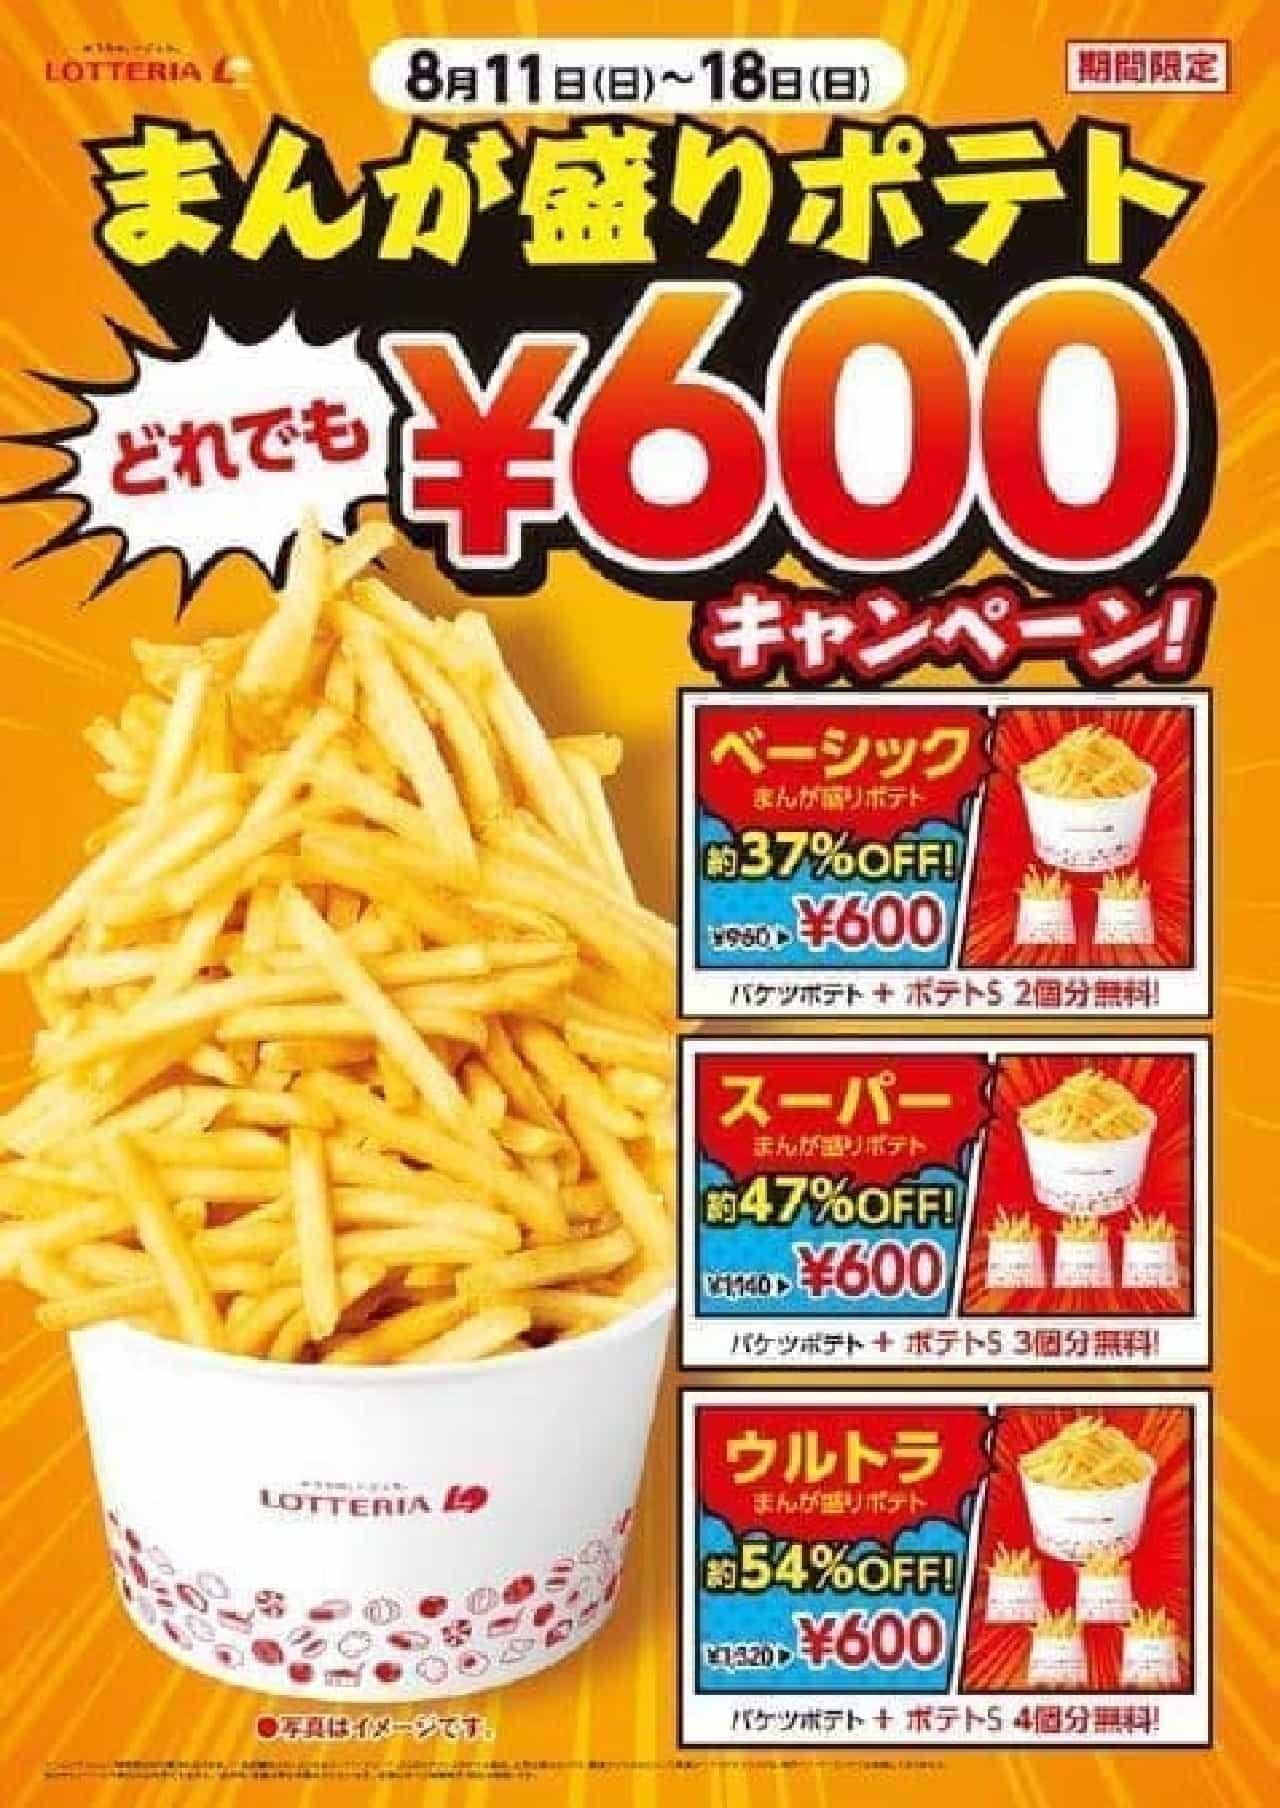 ロッテリアで「まんが盛りポテトどれでも¥600」キャンペーン